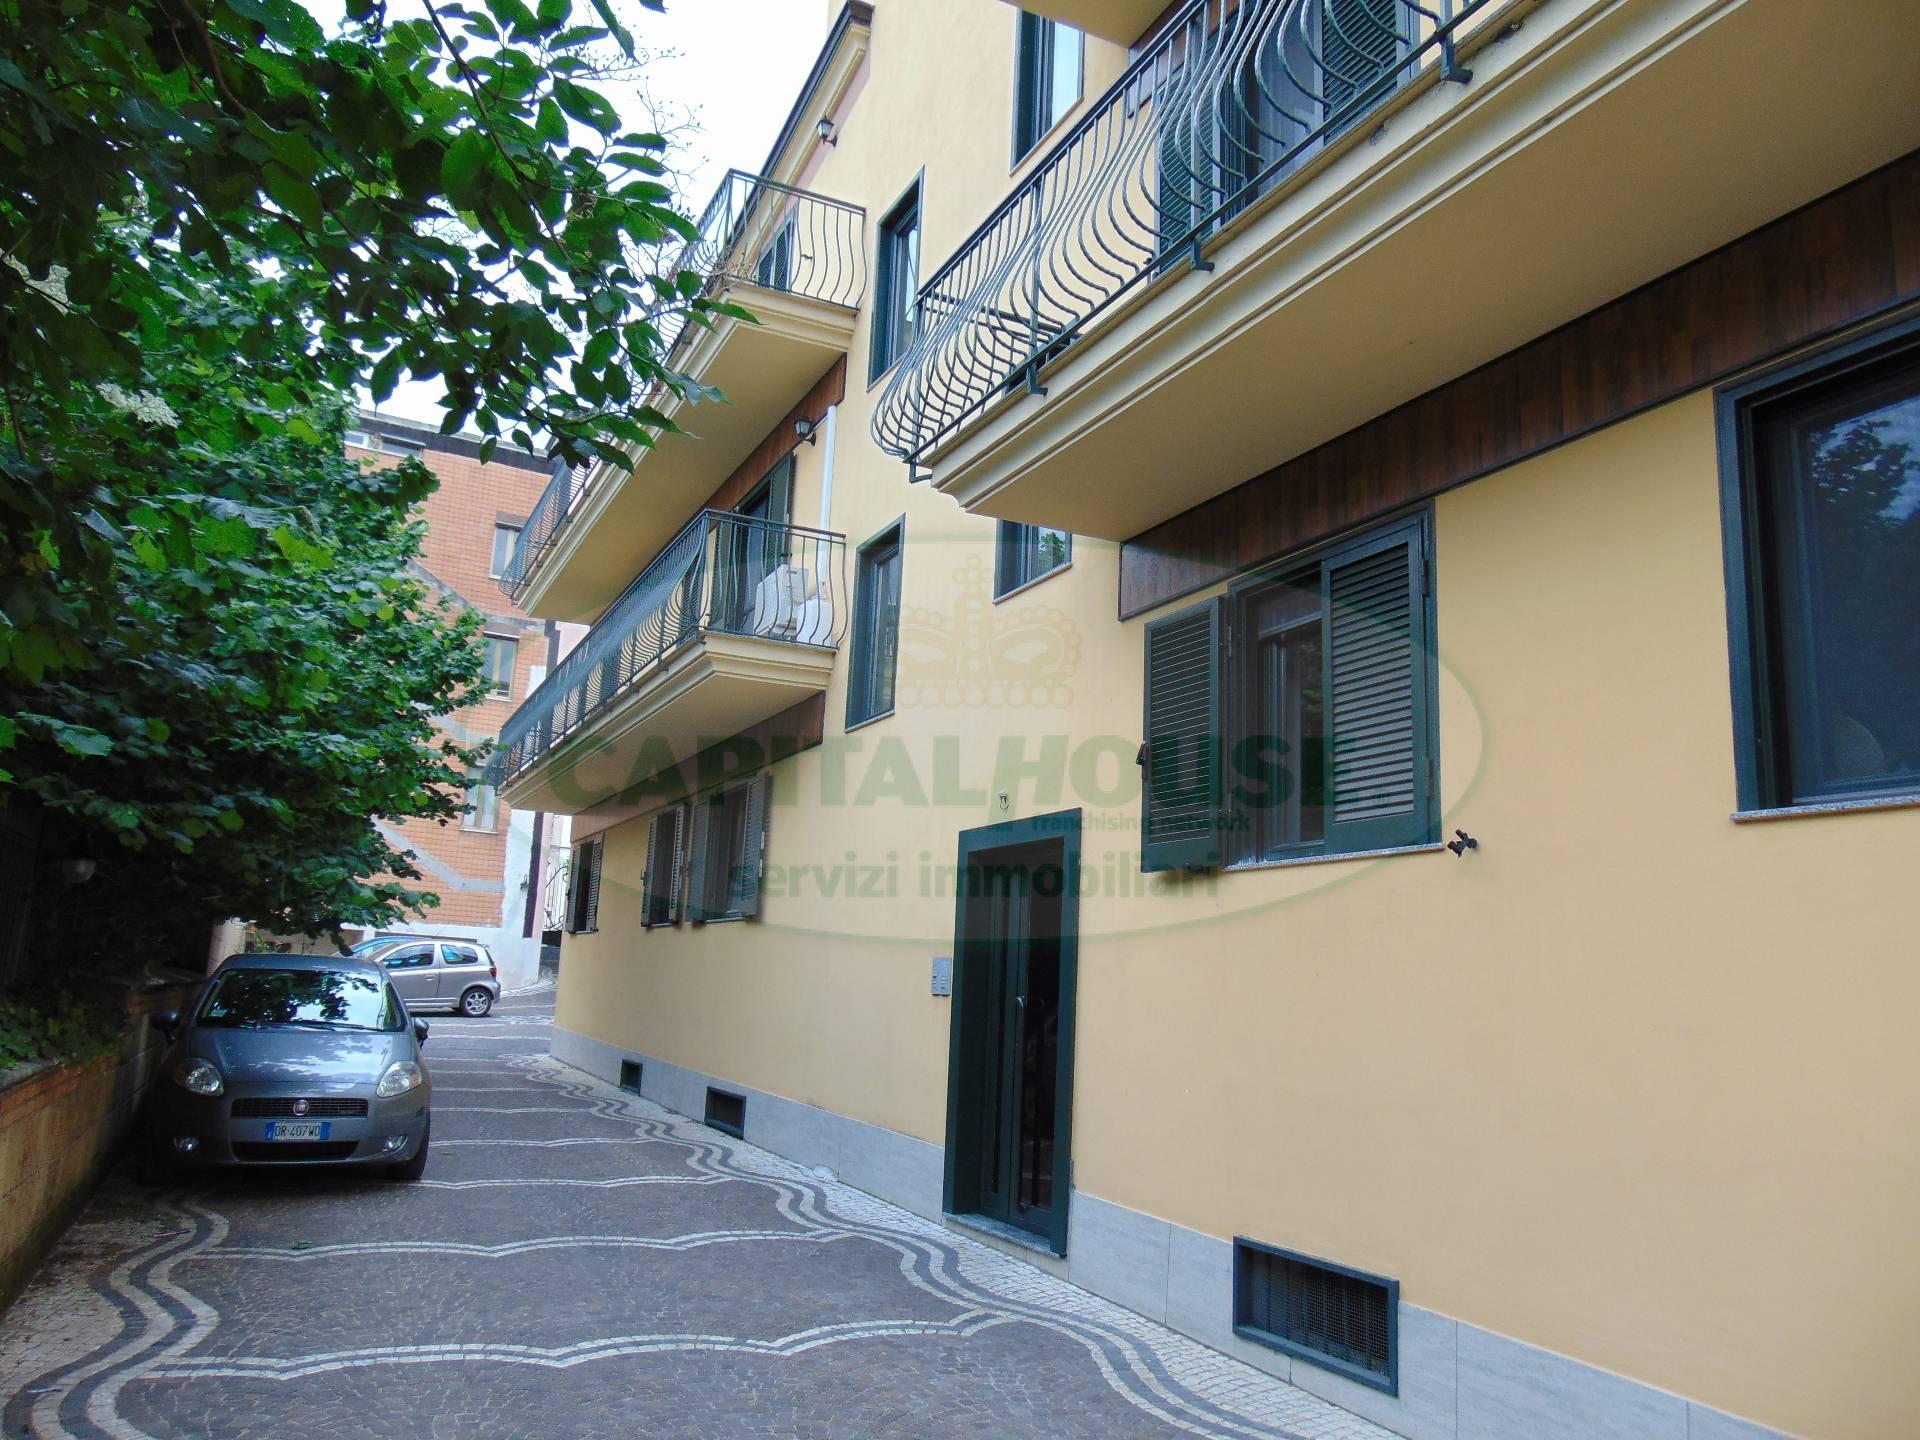 Appartamento in vendita a Mugnano del Cardinale, 3 locali, prezzo € 100.000 | Cambio Casa.it